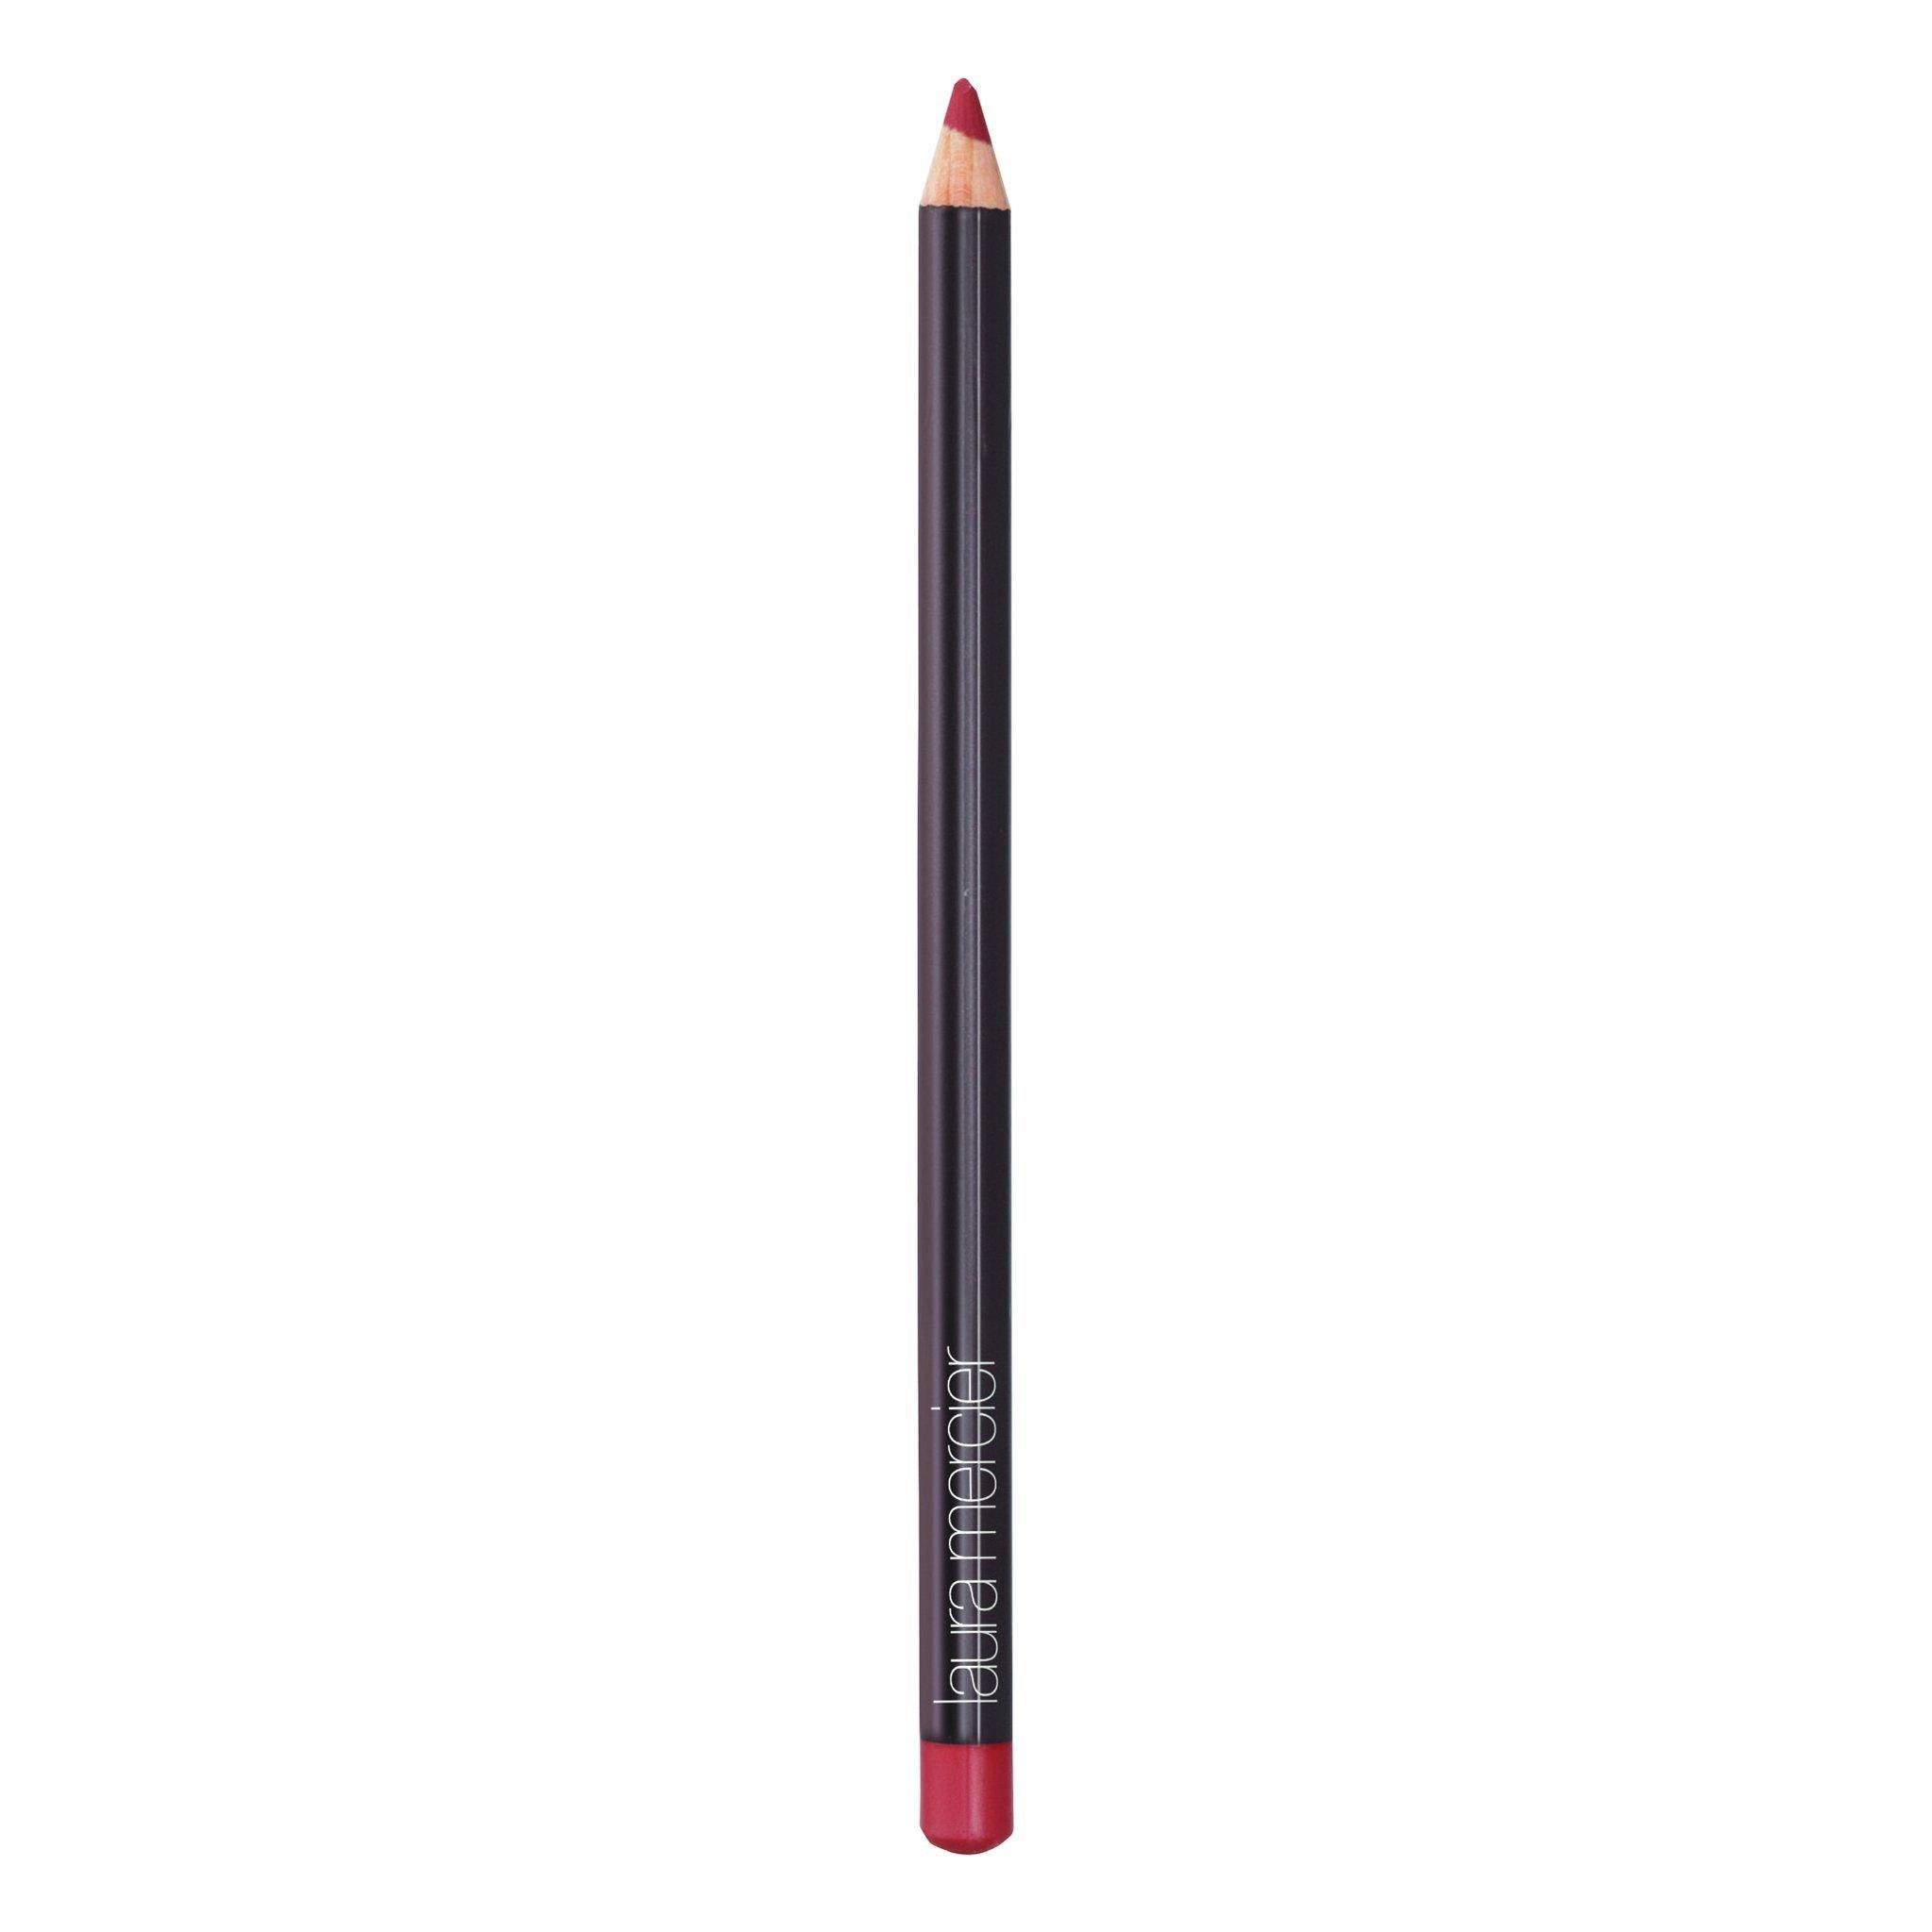 Laura Mercier Lip Pencil Liner, Redwood, 0.05 Ounce